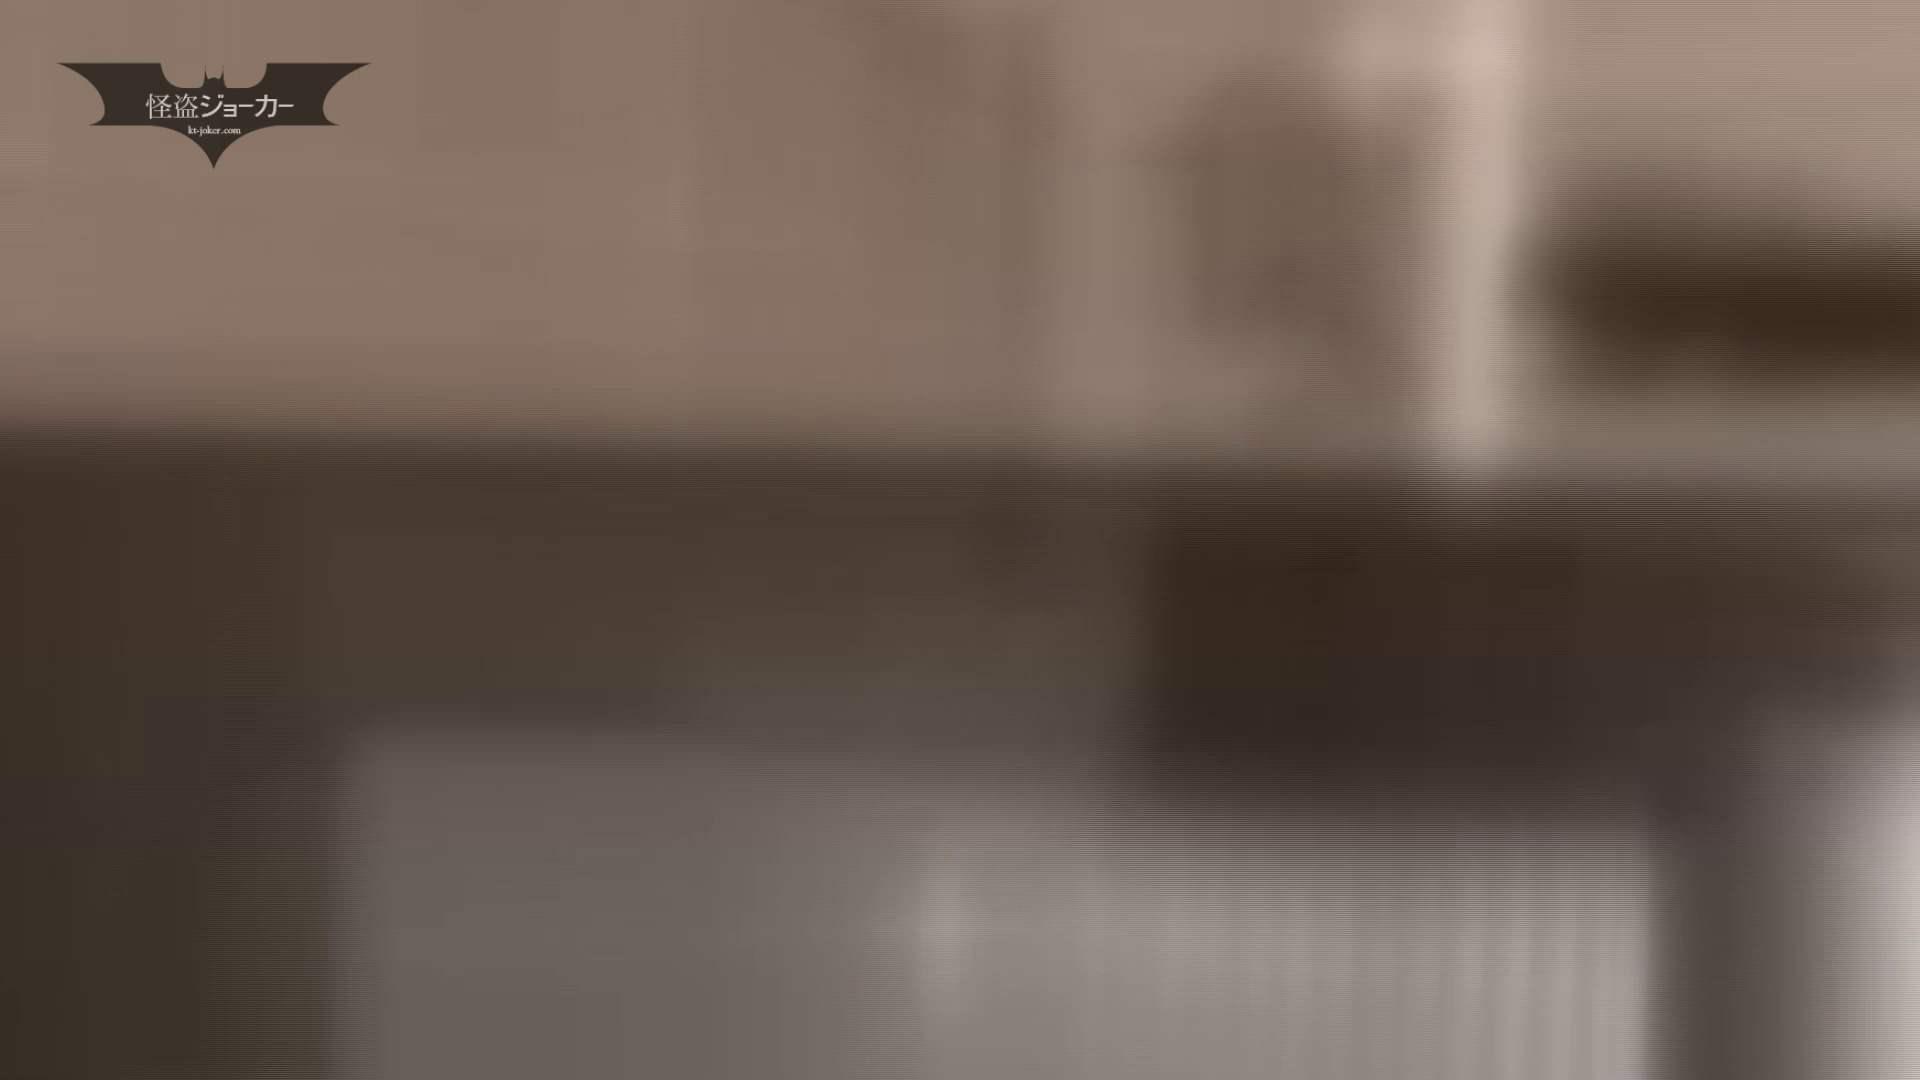 ヒトニアラヅNo.10 雪の様な白い肌 覗き特集  105PIX 32